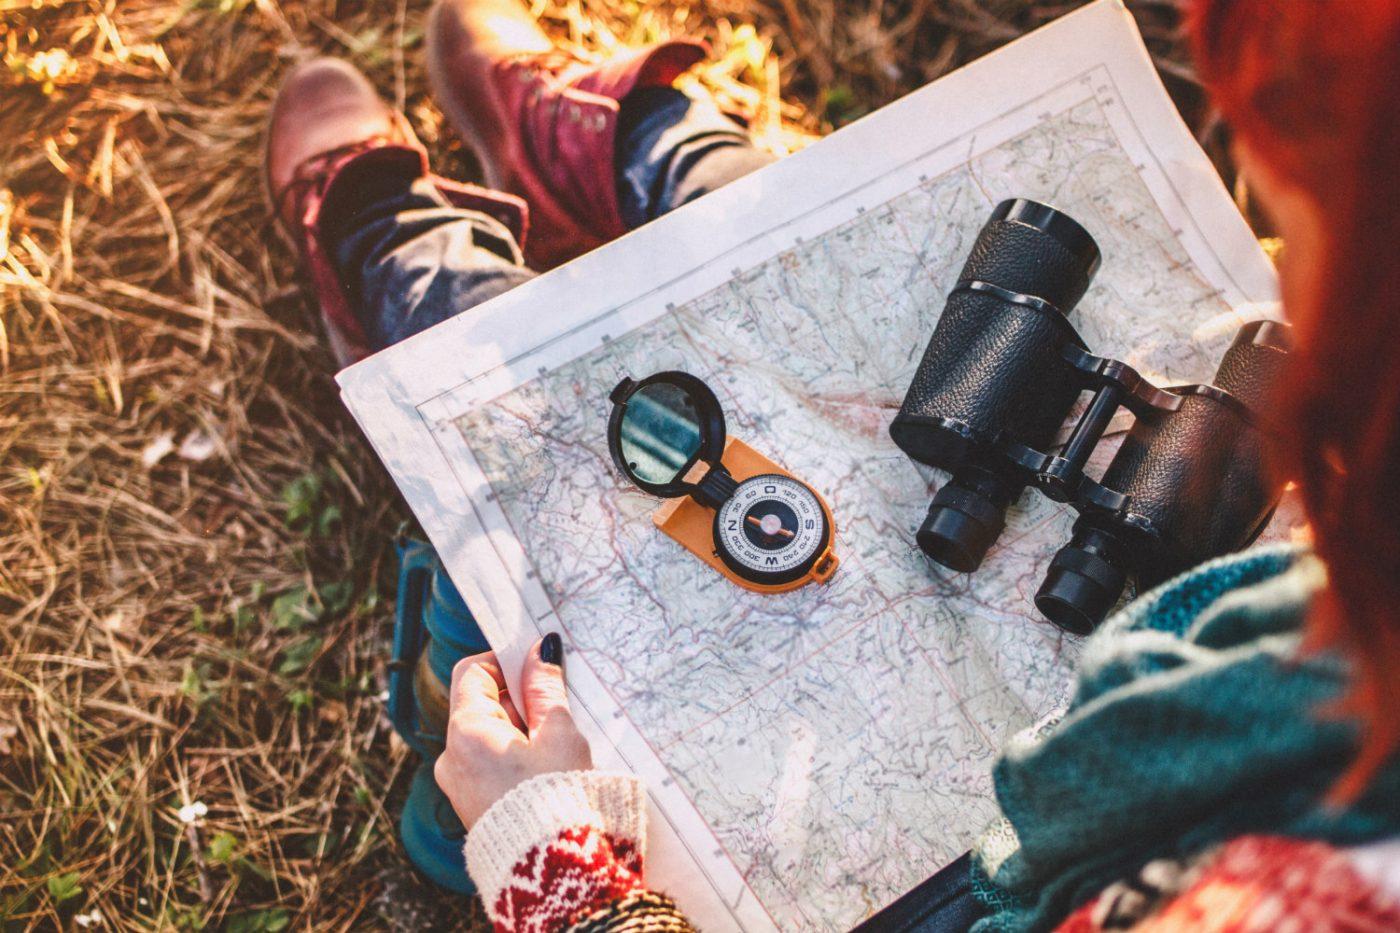 Eine Straßenkarte, auf der ein Kompass und ein Fernglas liegen.